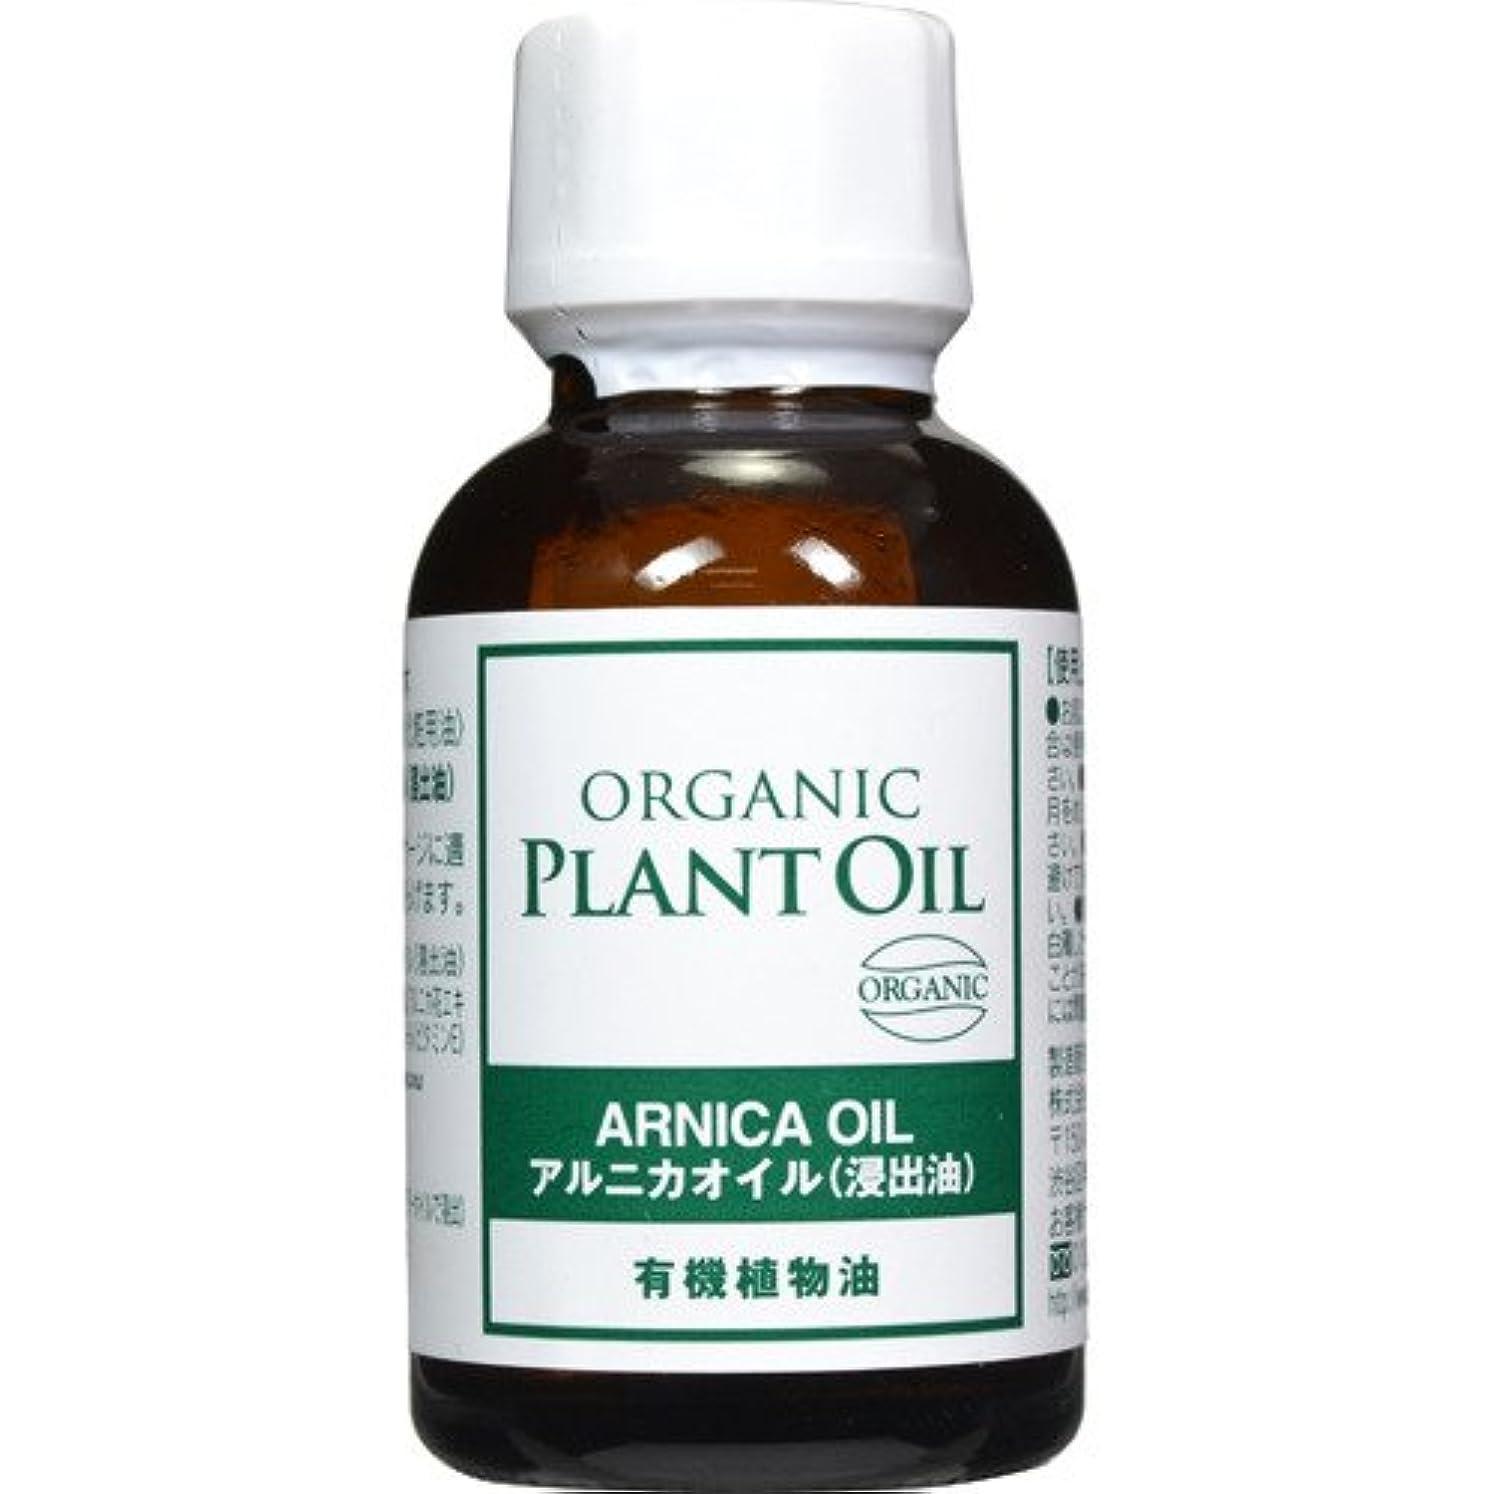 召喚する酸っぱい酸化する生活の木 有機アルニカオイル(浸出油) 25ml